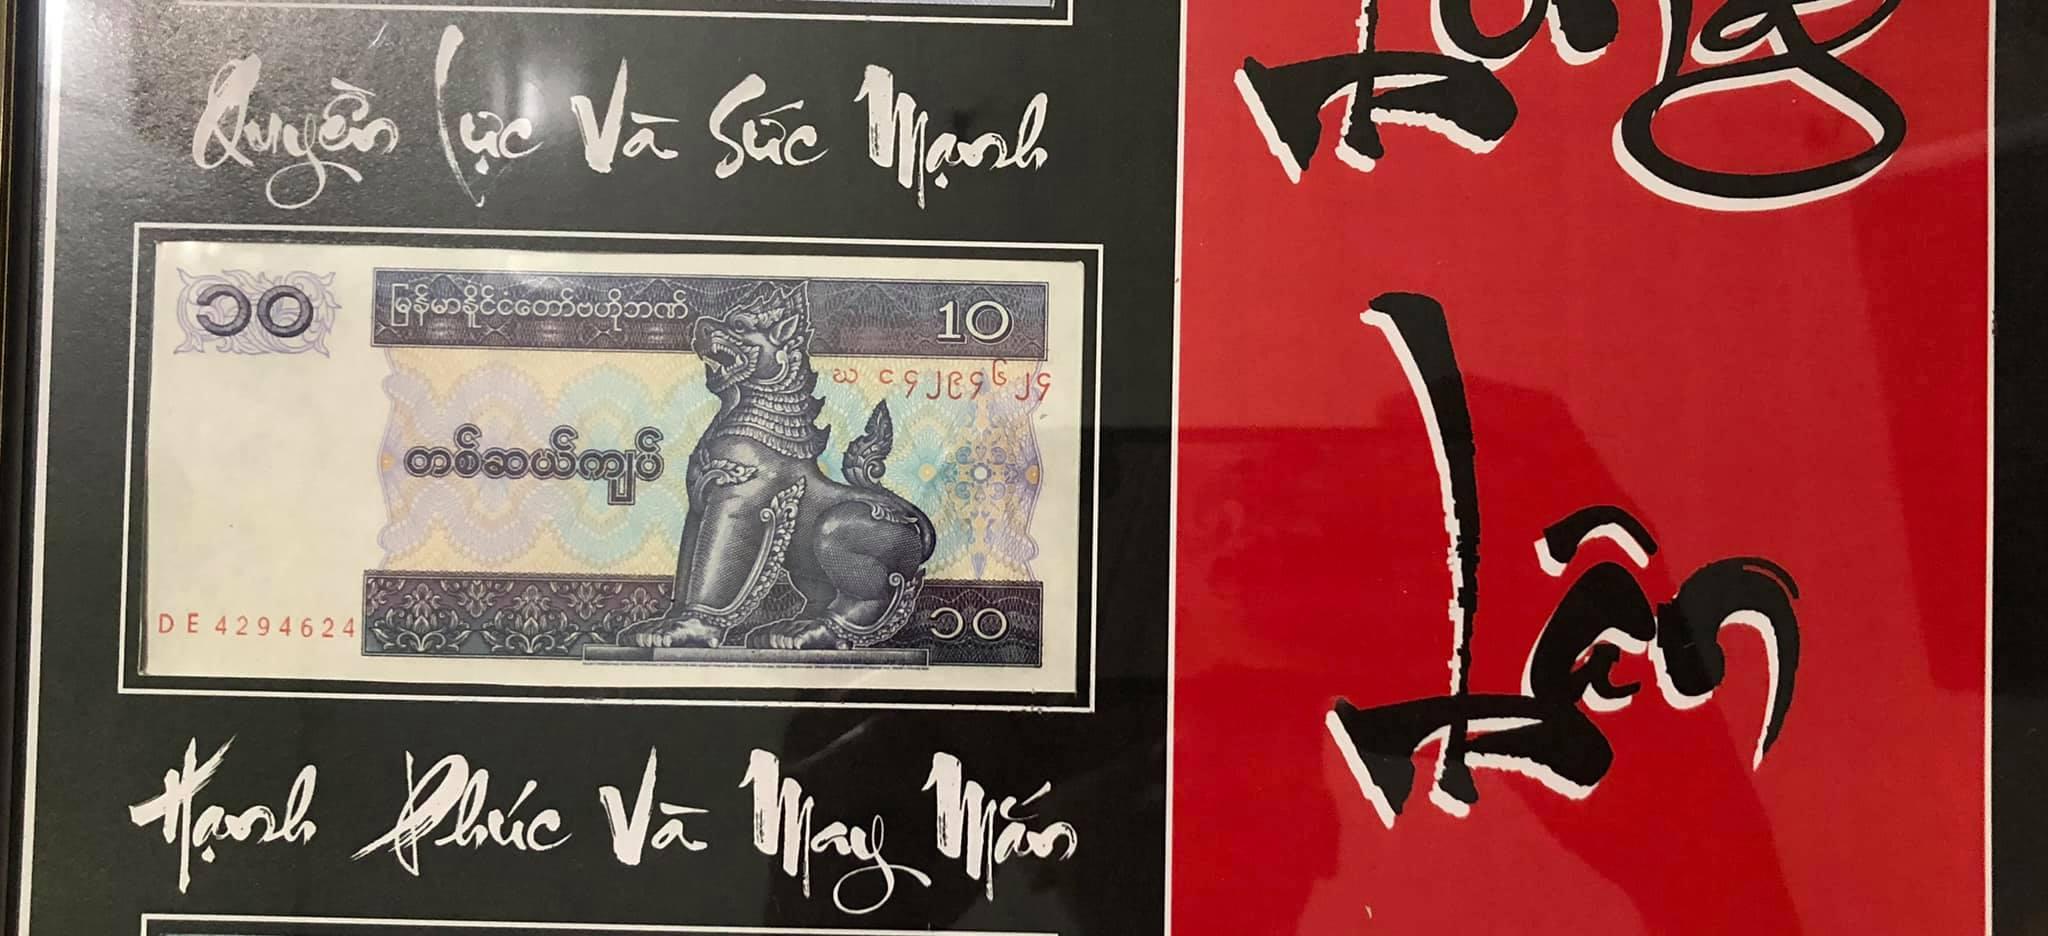 Tranh Long Lân Quy Phụng ghép tiền xưa của các nước, nền đen đỏ